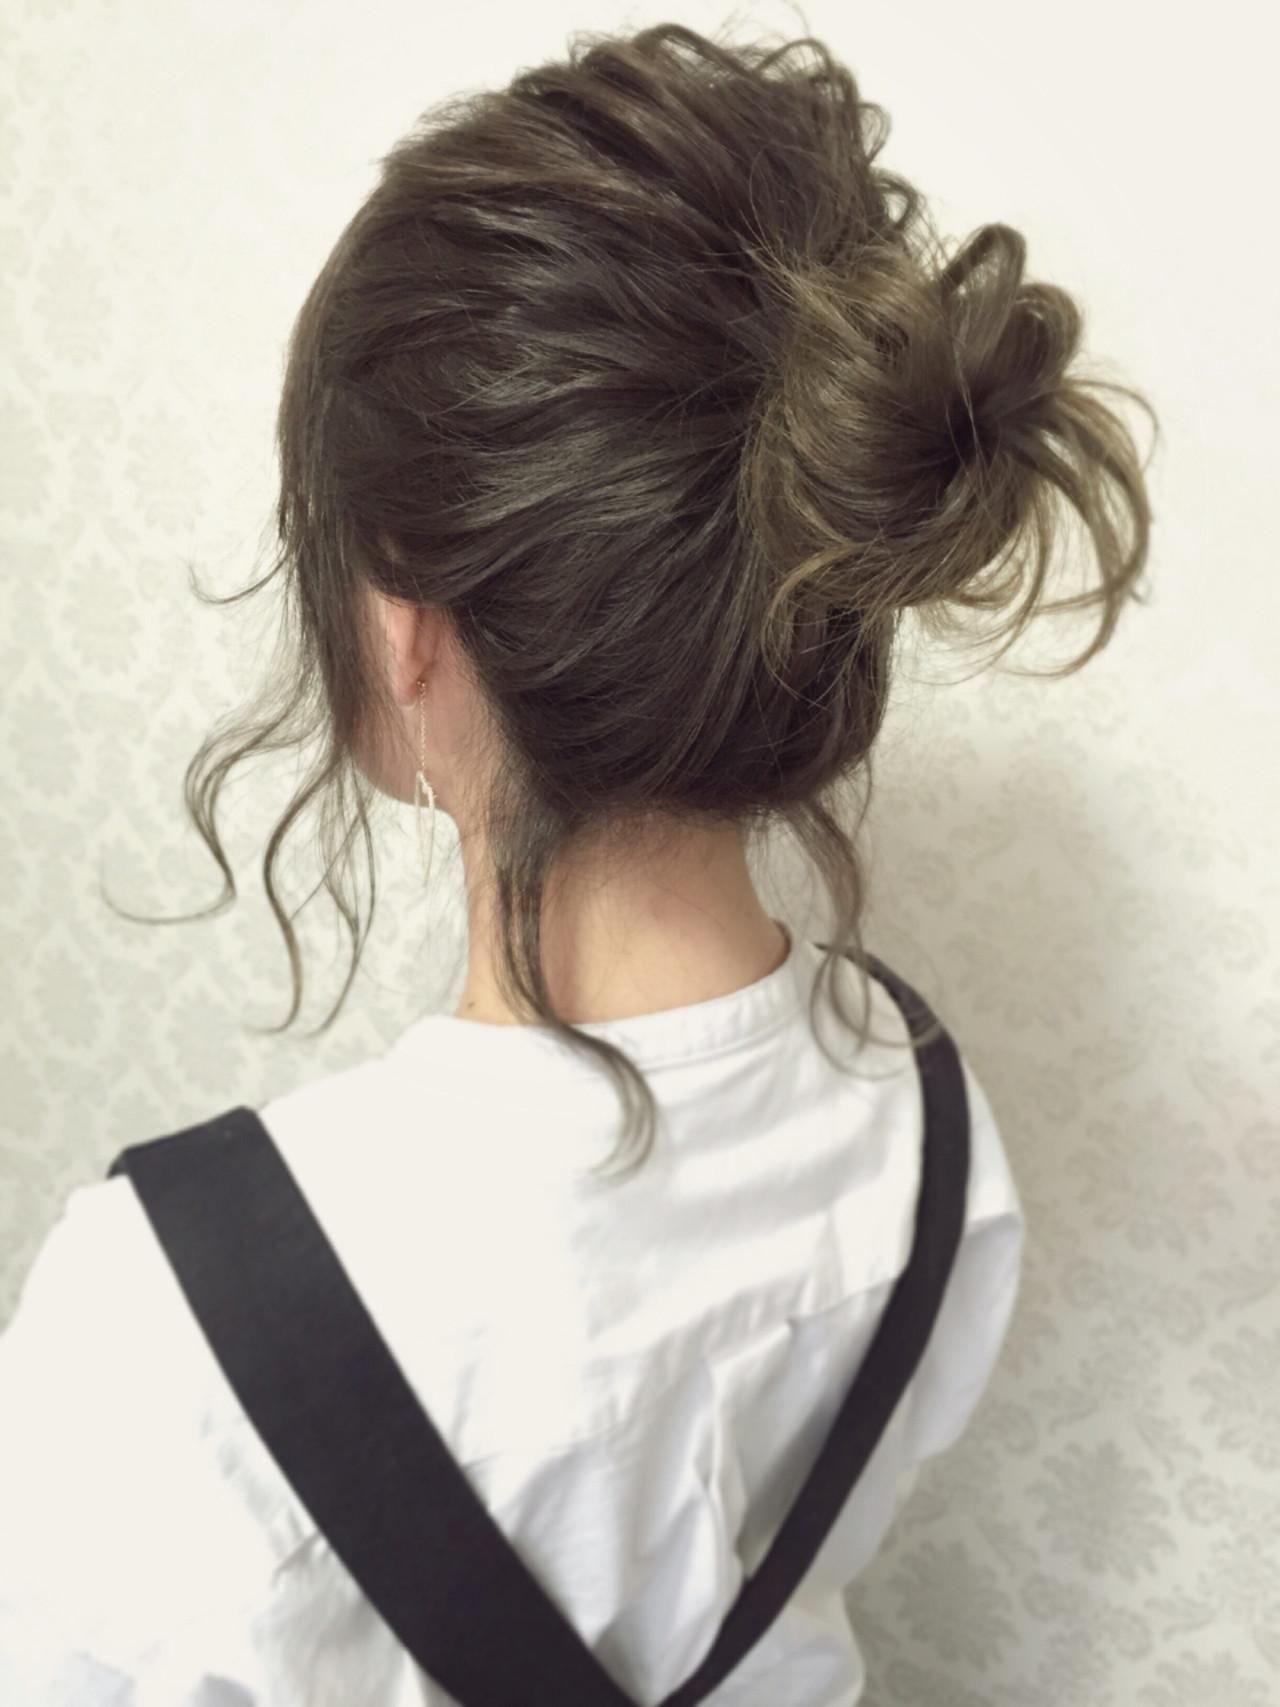 ただのグラデとは大違い?ソンブレ&バイヤージュにまだまだお熱♡ 菊池 綾子 / AliceHairDesign